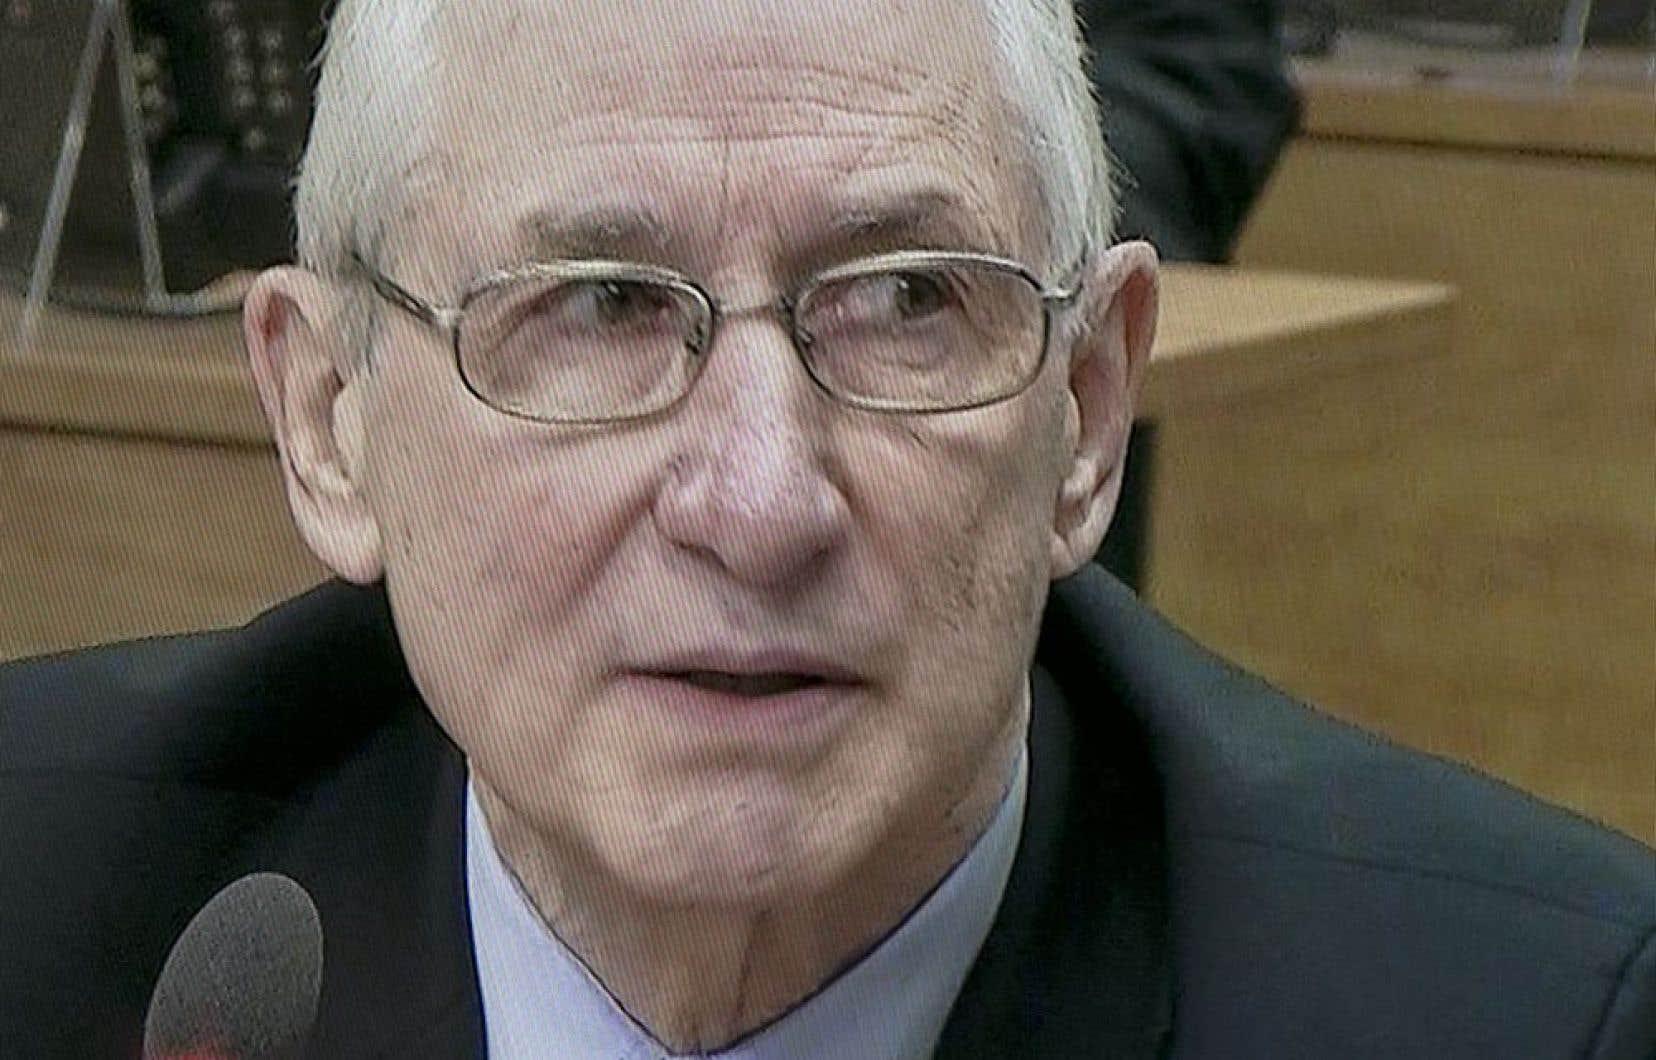 À cette époque, la collusion et la corruption ne faisaient pas partie des préoccupations de Roger Desbois. «Je n'étais pas sensibilisé à ça. Je vous dis la vérité», a-t-il insisté.